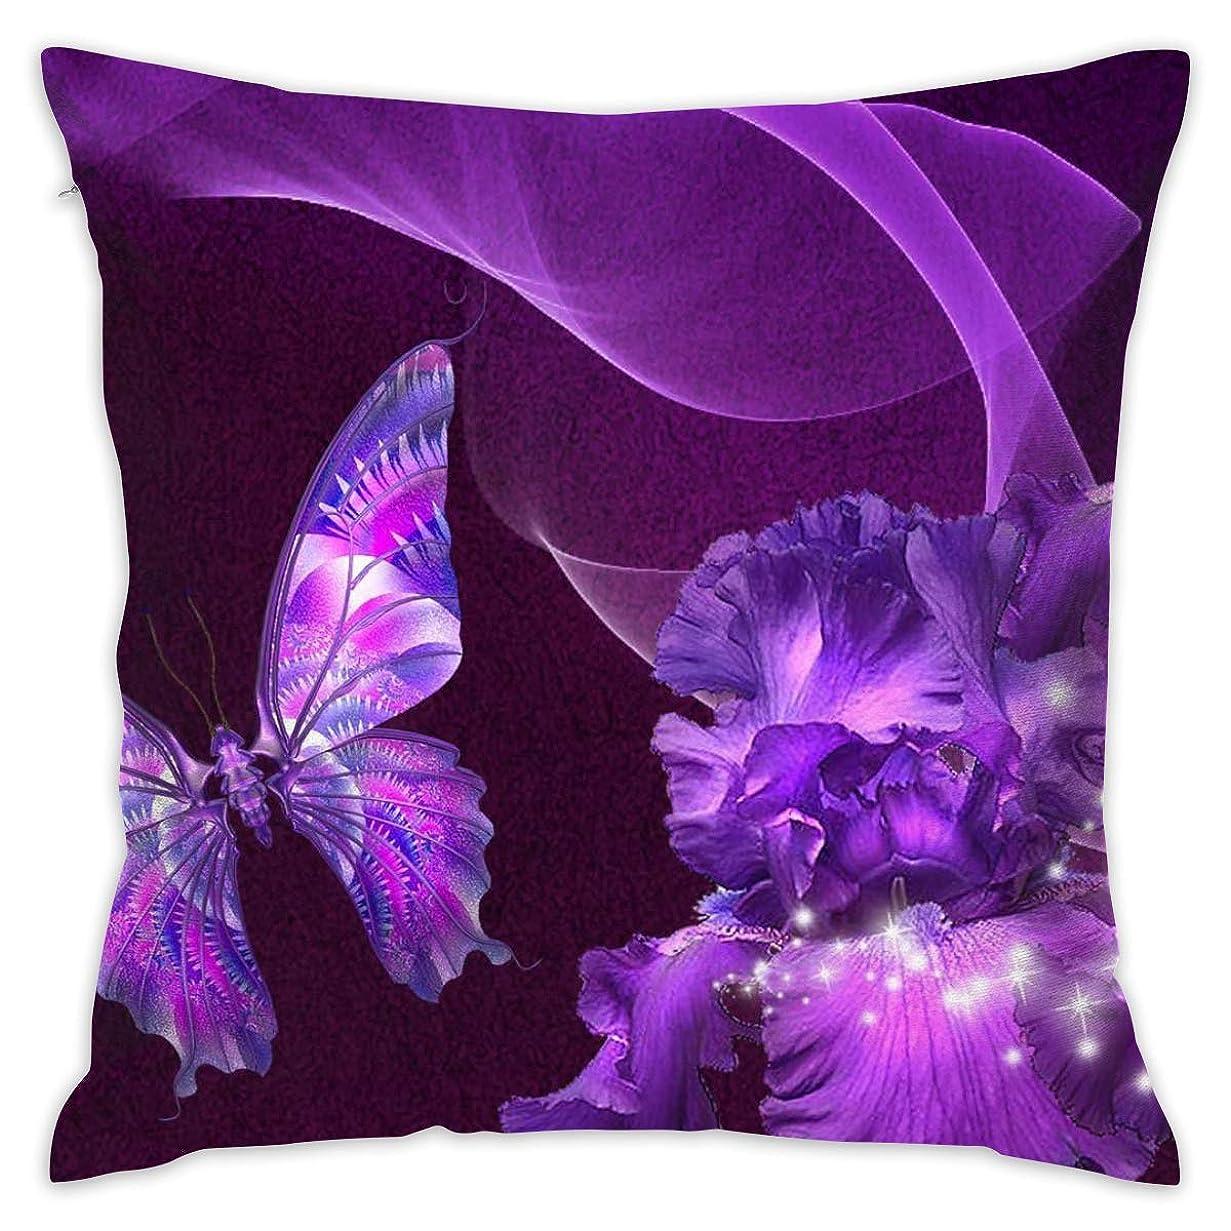 失望させる刺しますサバント紫蝶 枕カバー クッションカバー 抱き枕 ファスナー付きおしゃれ 枕カバー 座布団 車やソファー用 枕カバー 部屋飾り